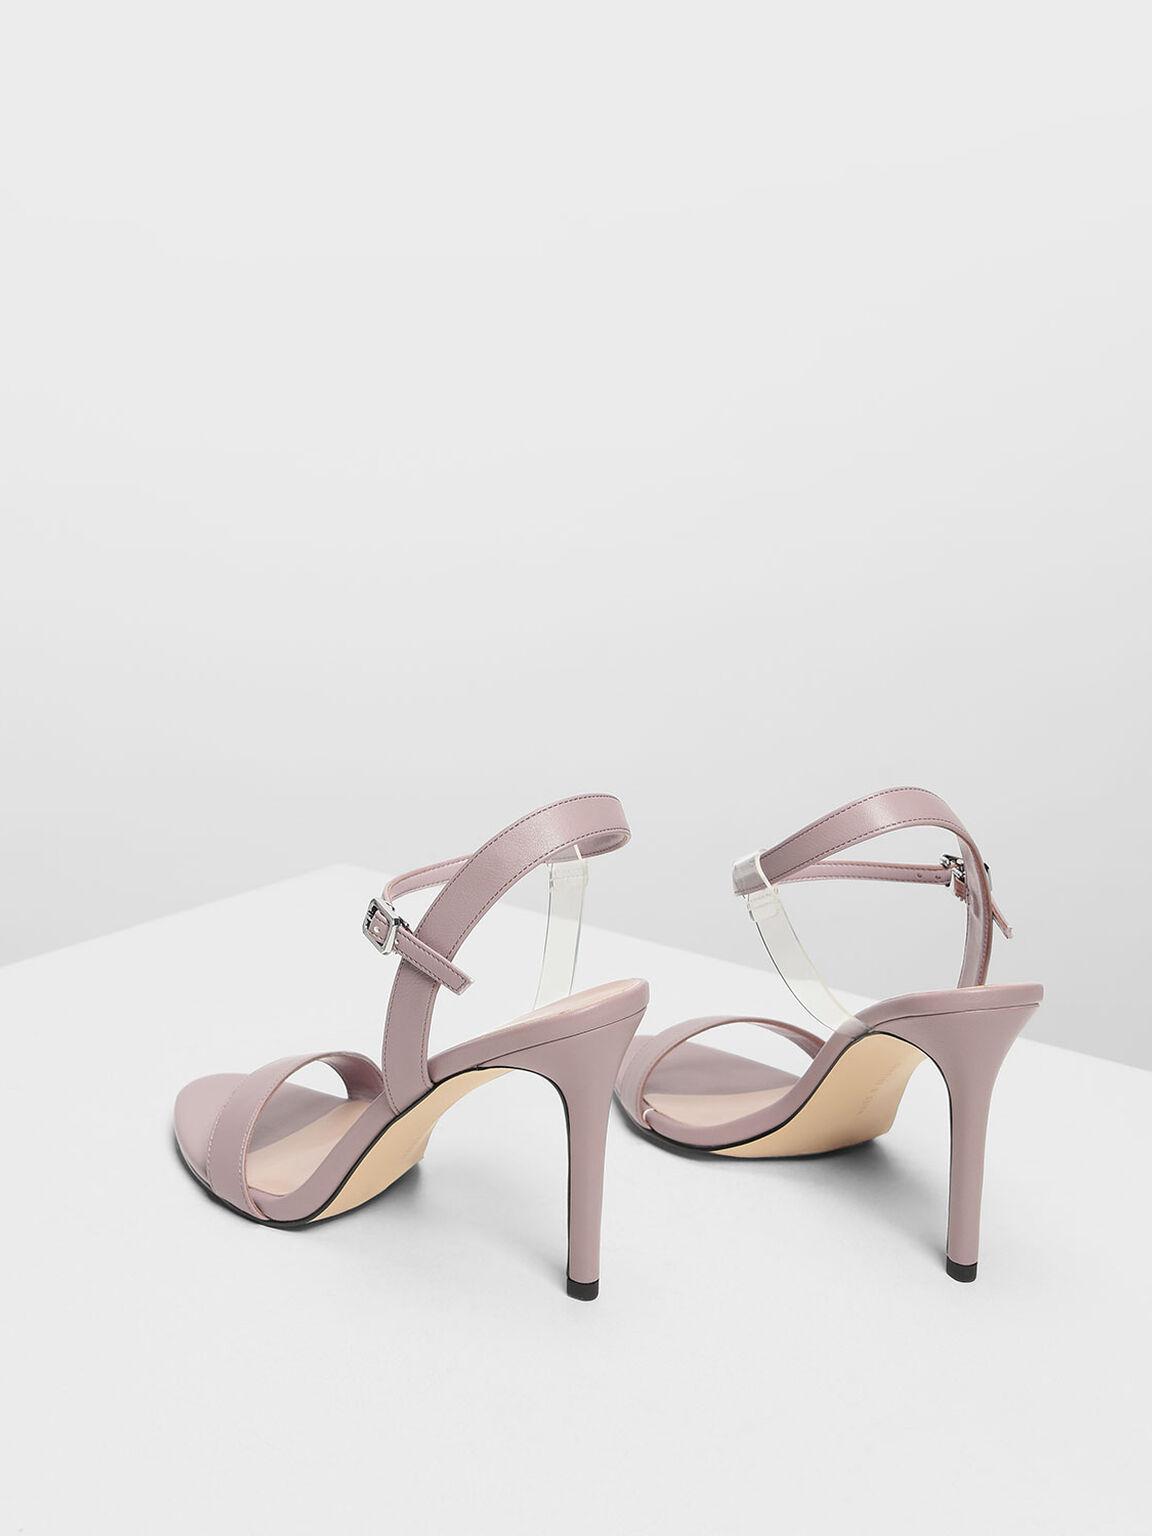 Transparent Strap Detail Heeled Sandals, Nude, hi-res